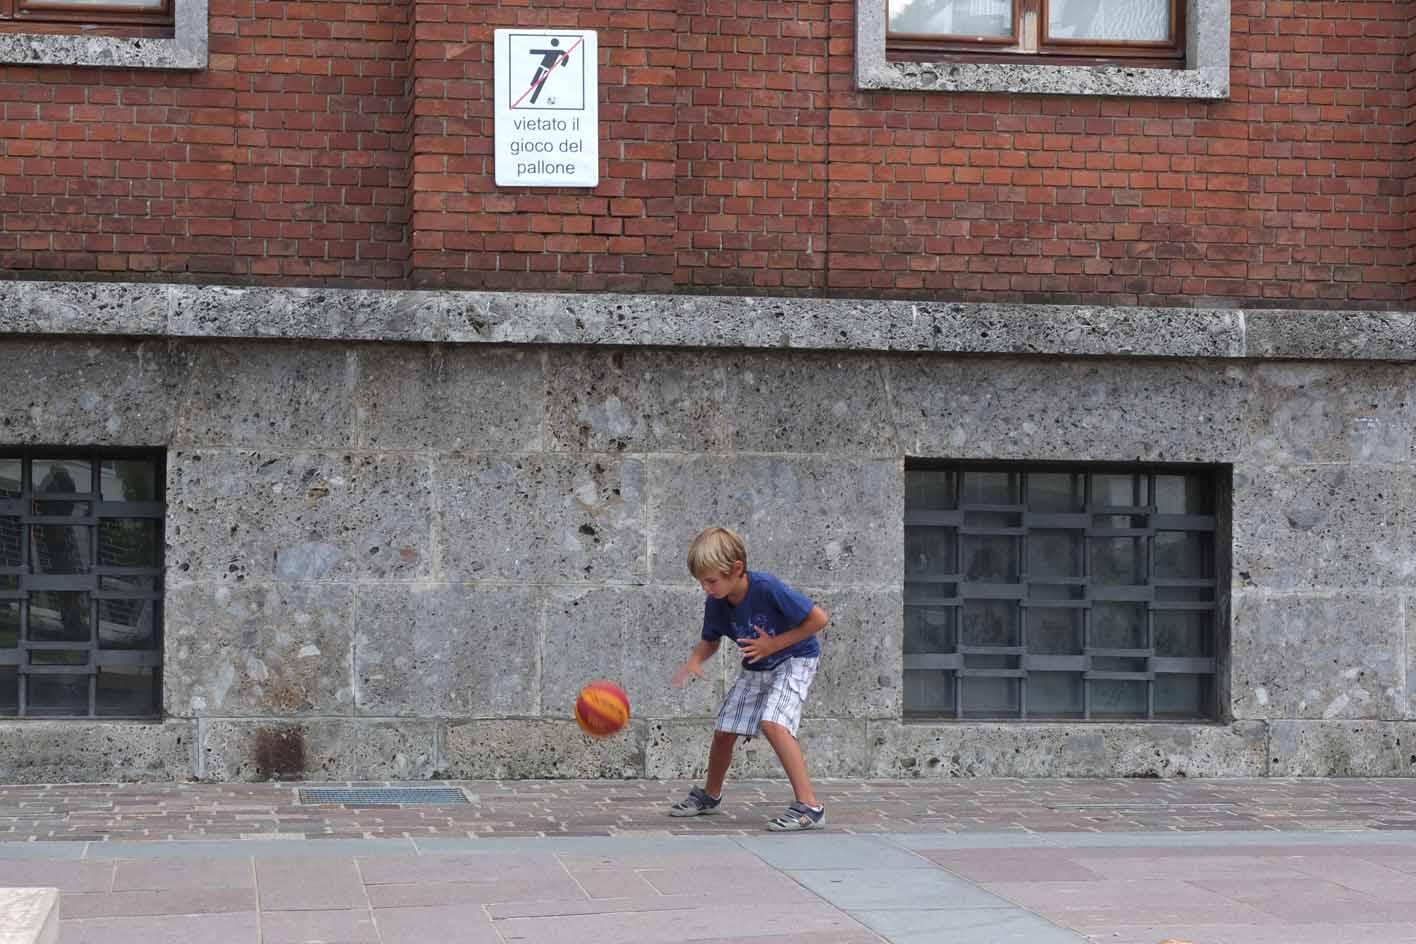 Il Sindaco vieta di giocare a calcio in piazza…